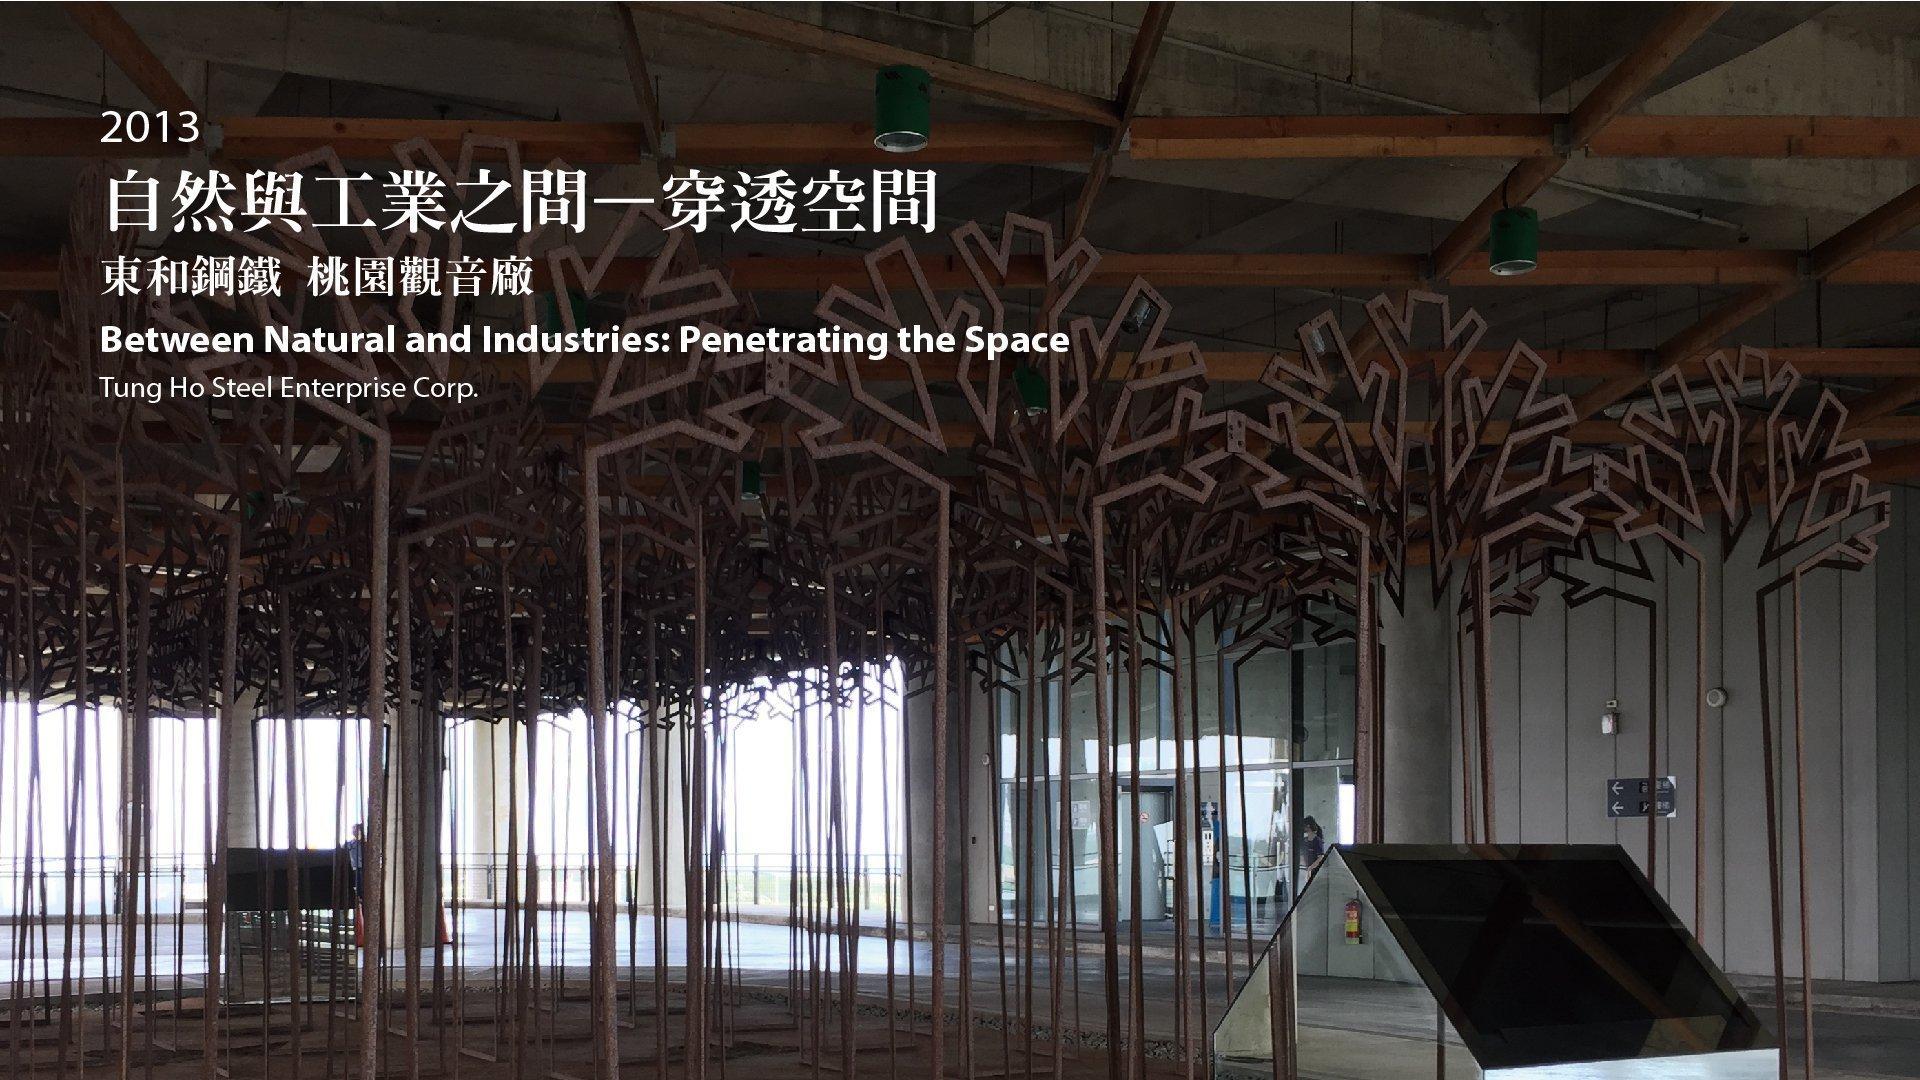 2013 東和鋼鐵企業 桃園觀音廠 -